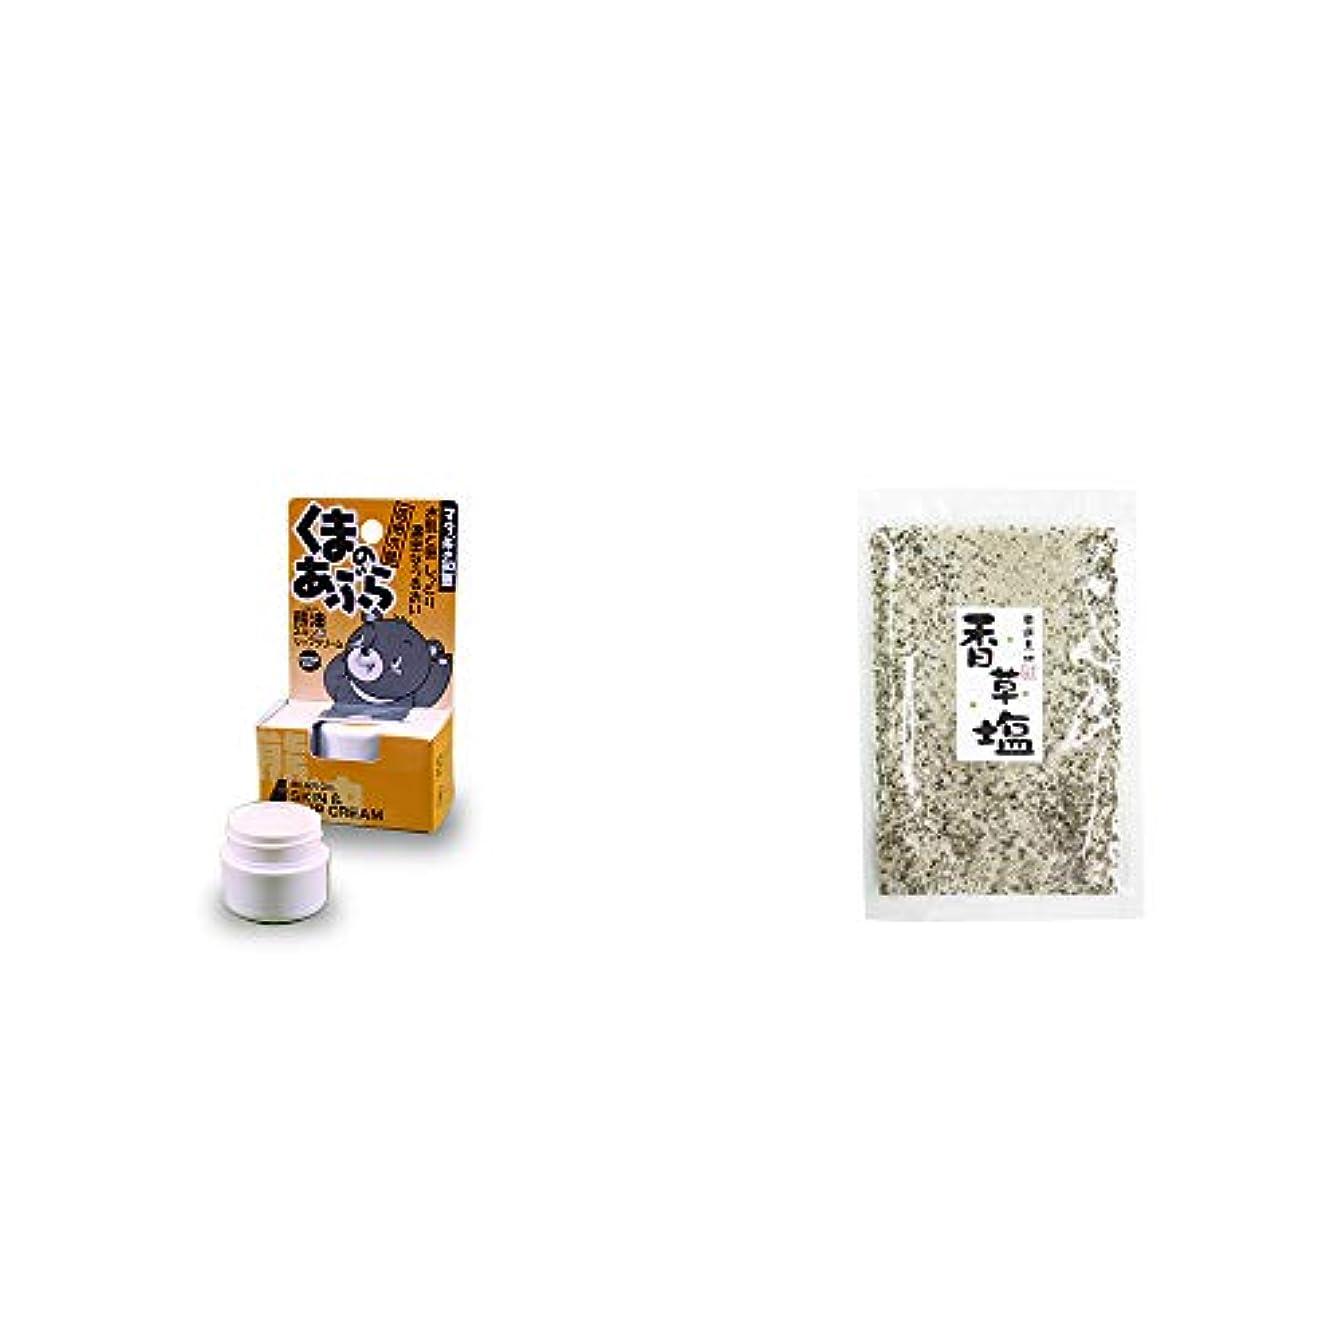 驚くばかり共役エチケット[2点セット] 信州木曽 くまのあぶら 熊油スキン&リップクリーム(9g)?香草塩 [袋タイプ](100g)